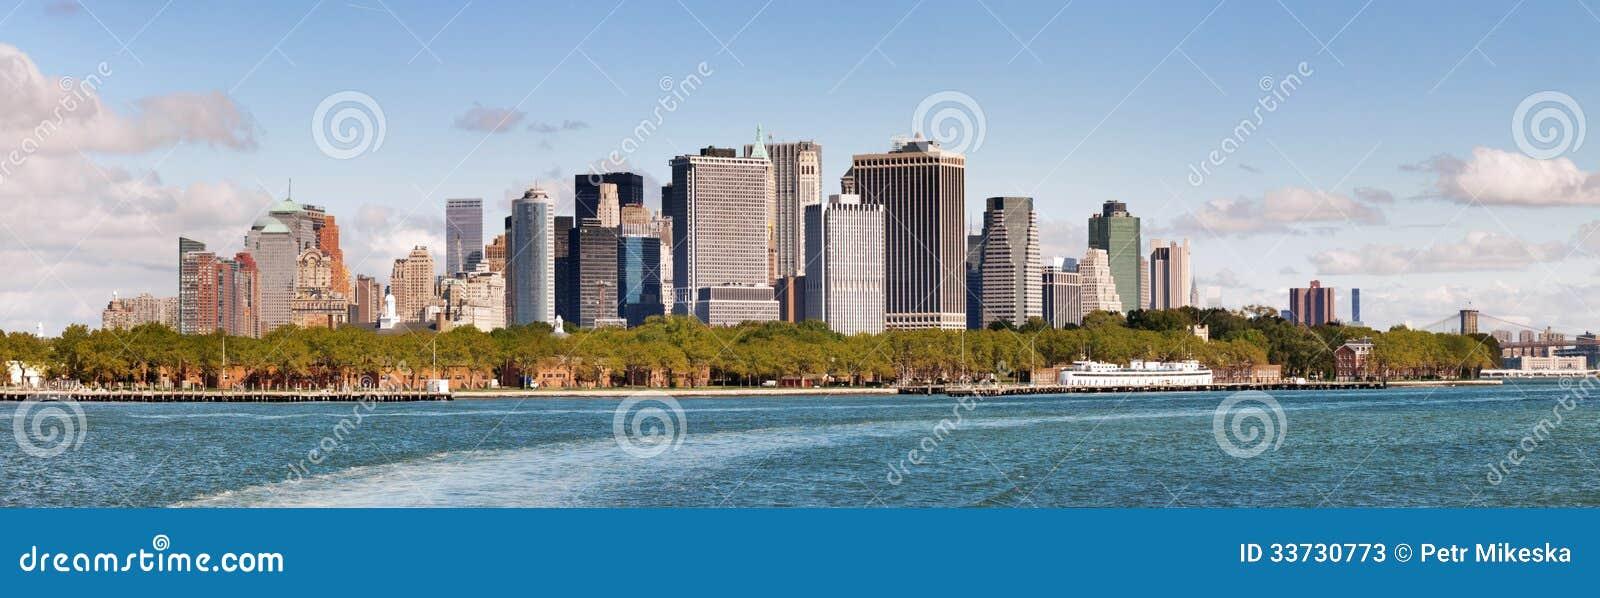 Panoramablick von unteren Manhattan-Skylinen